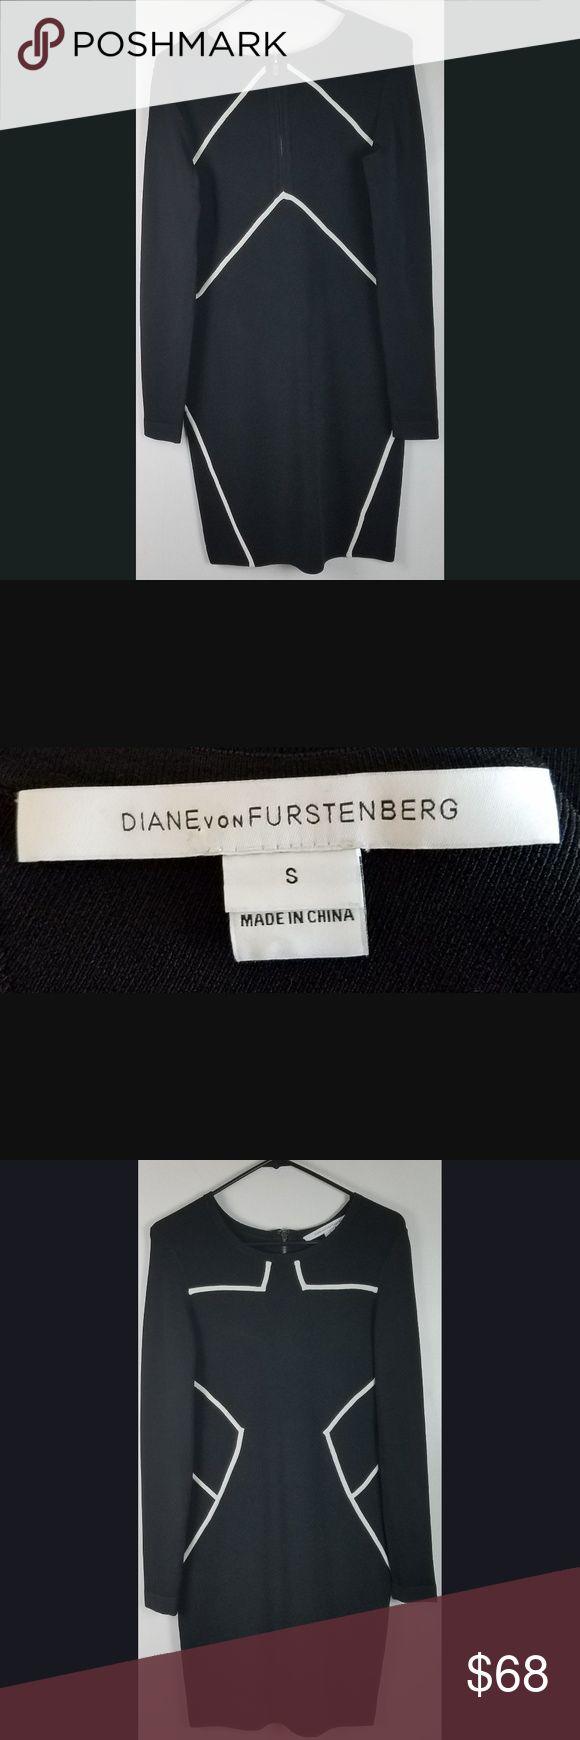 Diane Von Furstenberg Dress Diane Von Furstenberg Dress Black White Fashion Clothes Design